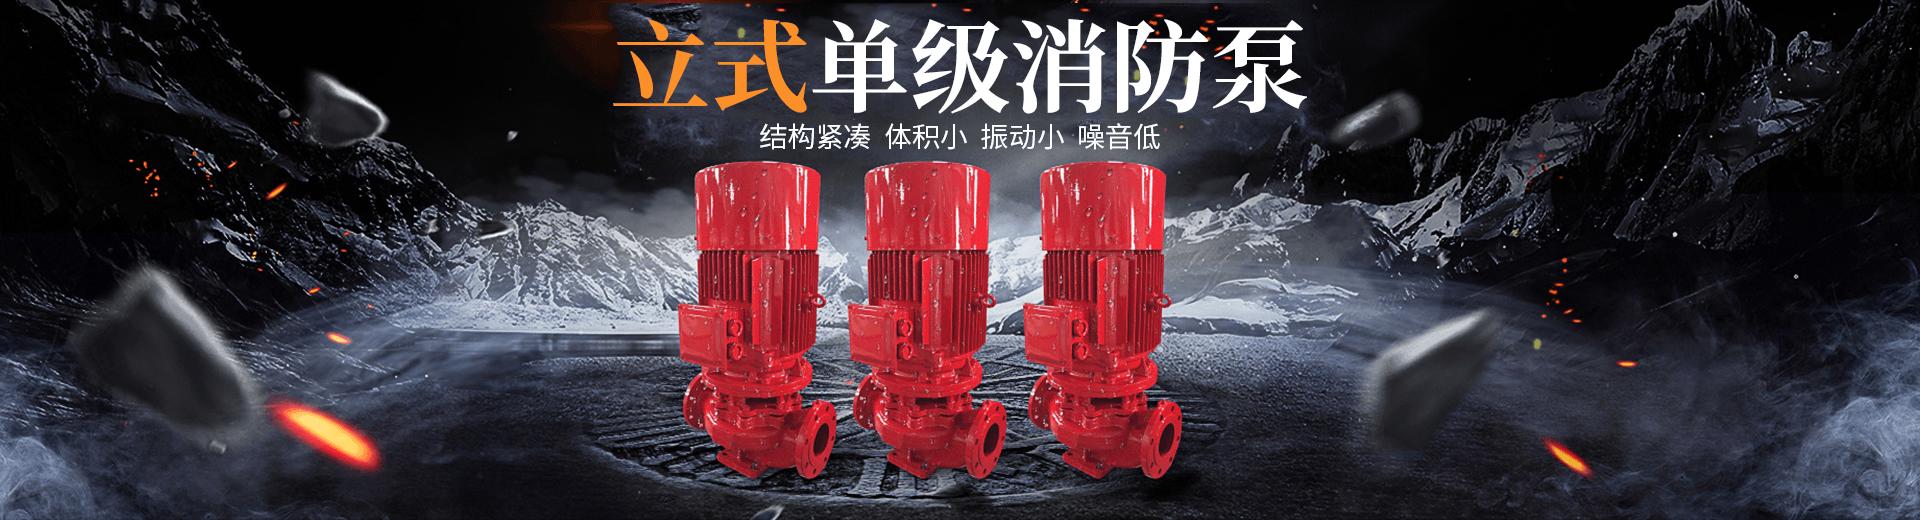 襄阳消防泵